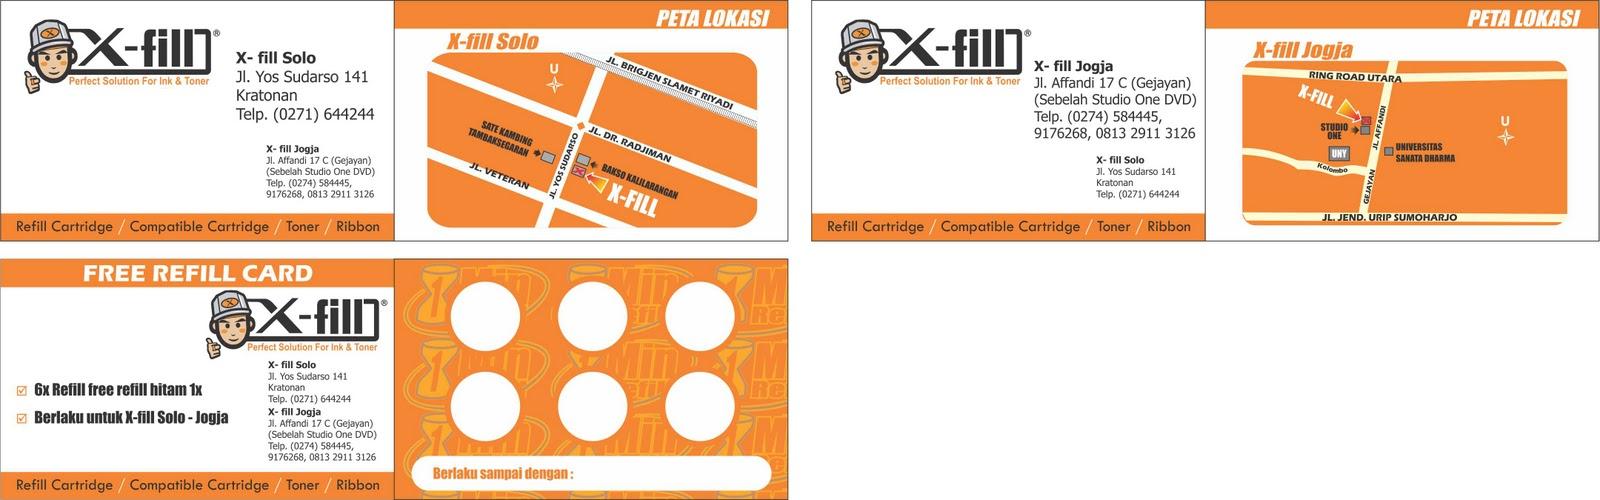 kreasi desain perez: name card, business card